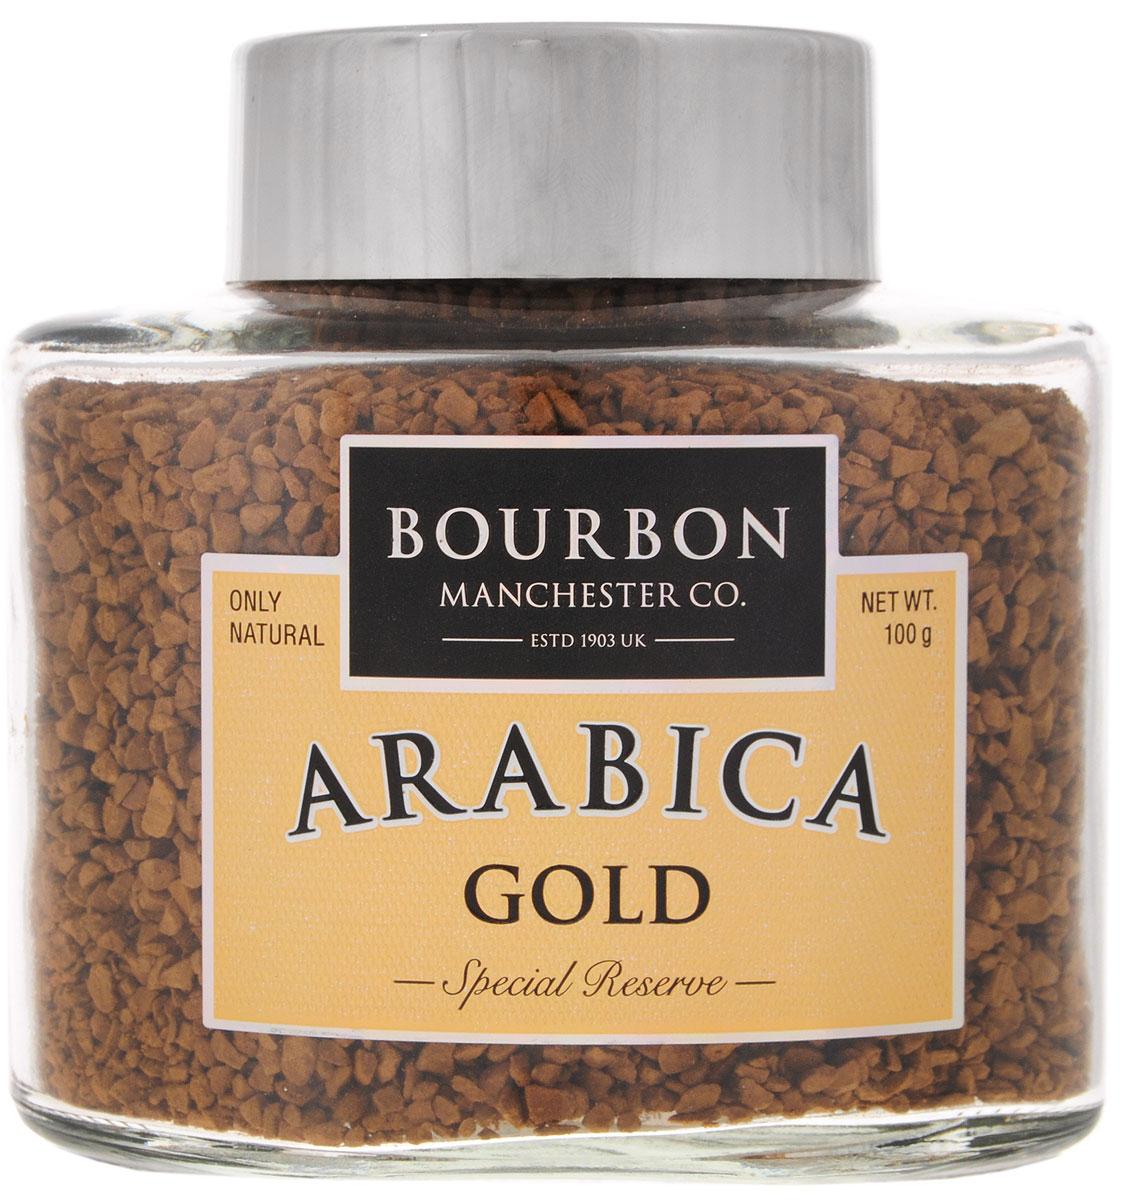 Bourbon Arabica Gold кофе растворимый, 100 г0120710Bourbon Arabica Gold - это купаж отборных сортов арабики, выросшей на высокогорных плантациях. Благодаря кенийской арабике имеет деликатный сливочный вкус, кофейные зерна из Колумбии делают его приятно пряным, а арабика из Бразилии наделяет купаж великолепным ароматом.